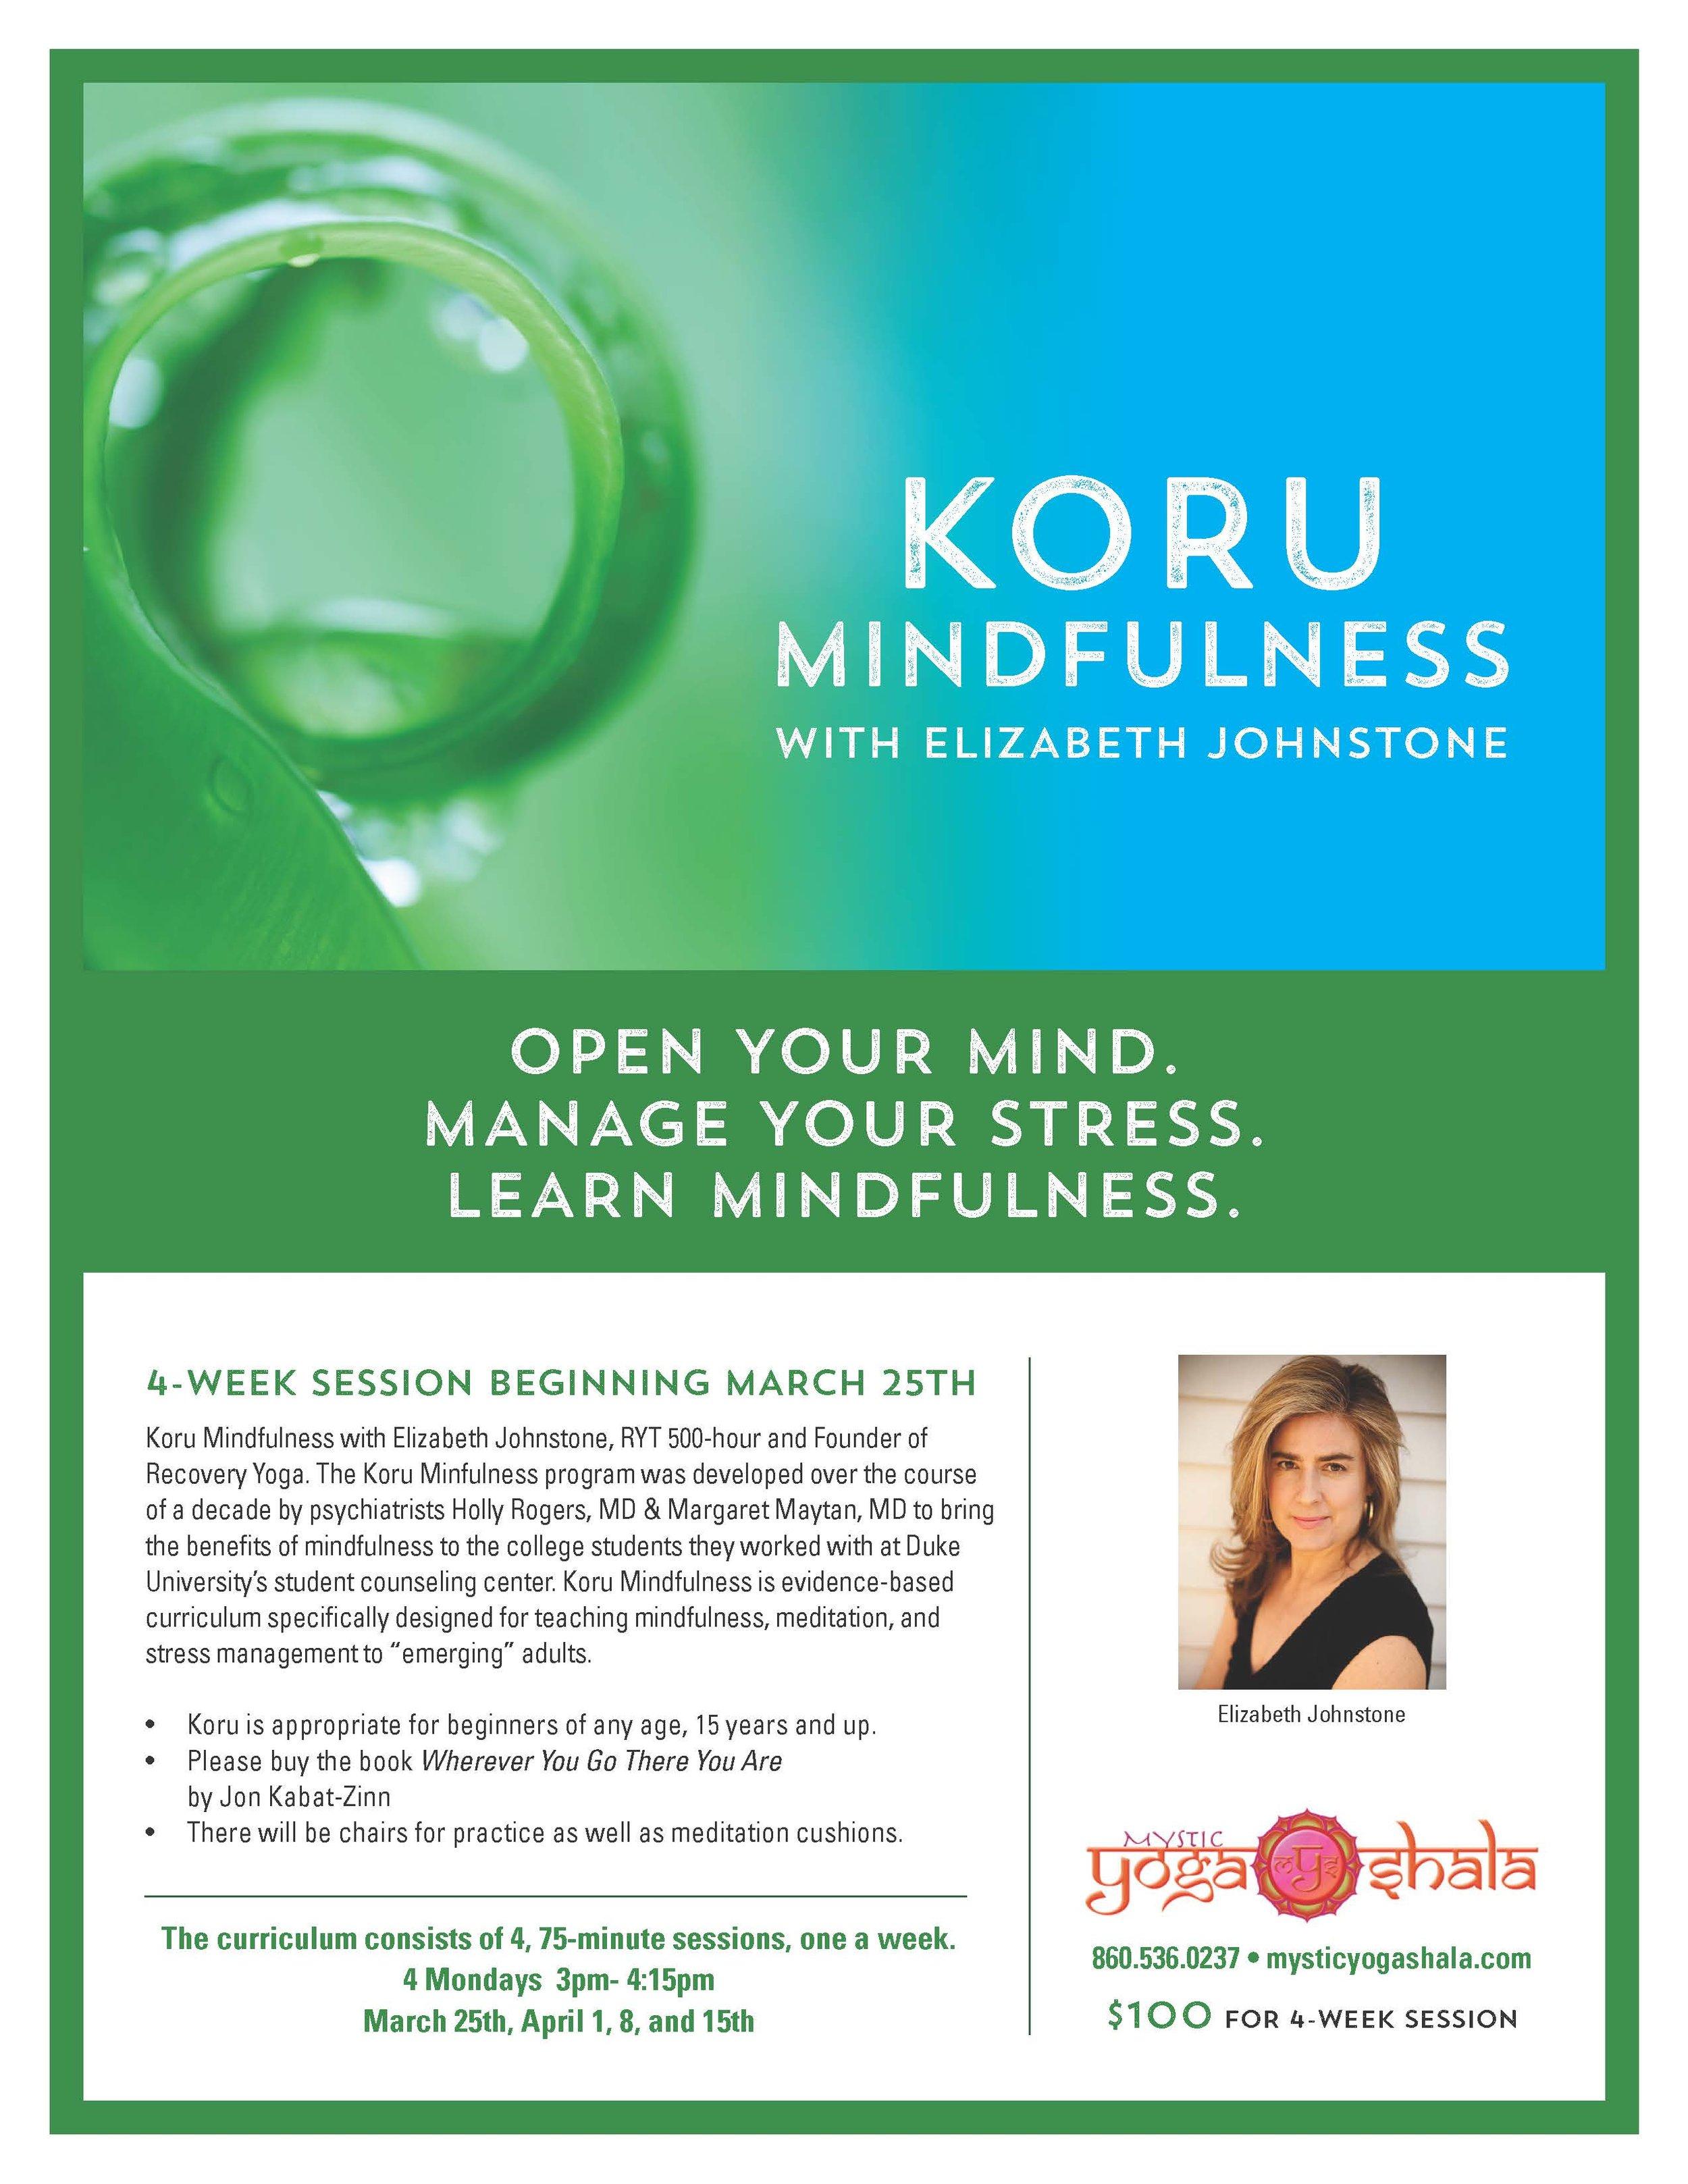 koru_mindfulness.jpg